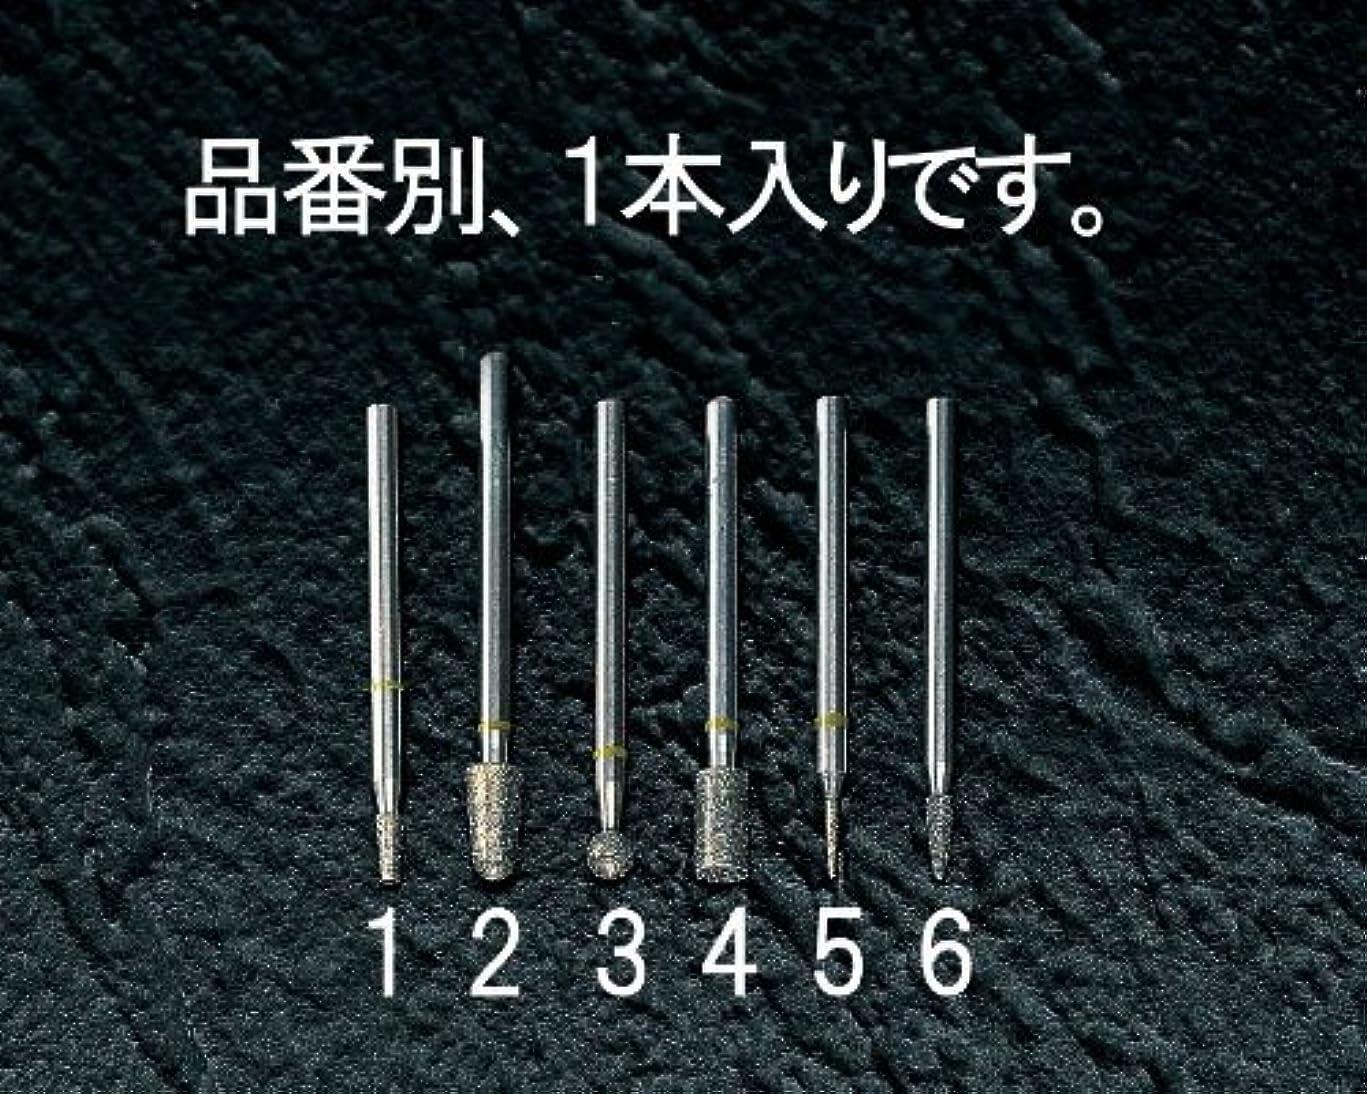 モッキンバード気がついて平方エスコ 4.7x9.6mmダイヤモンドバー(3mm軸) EA819DA-4